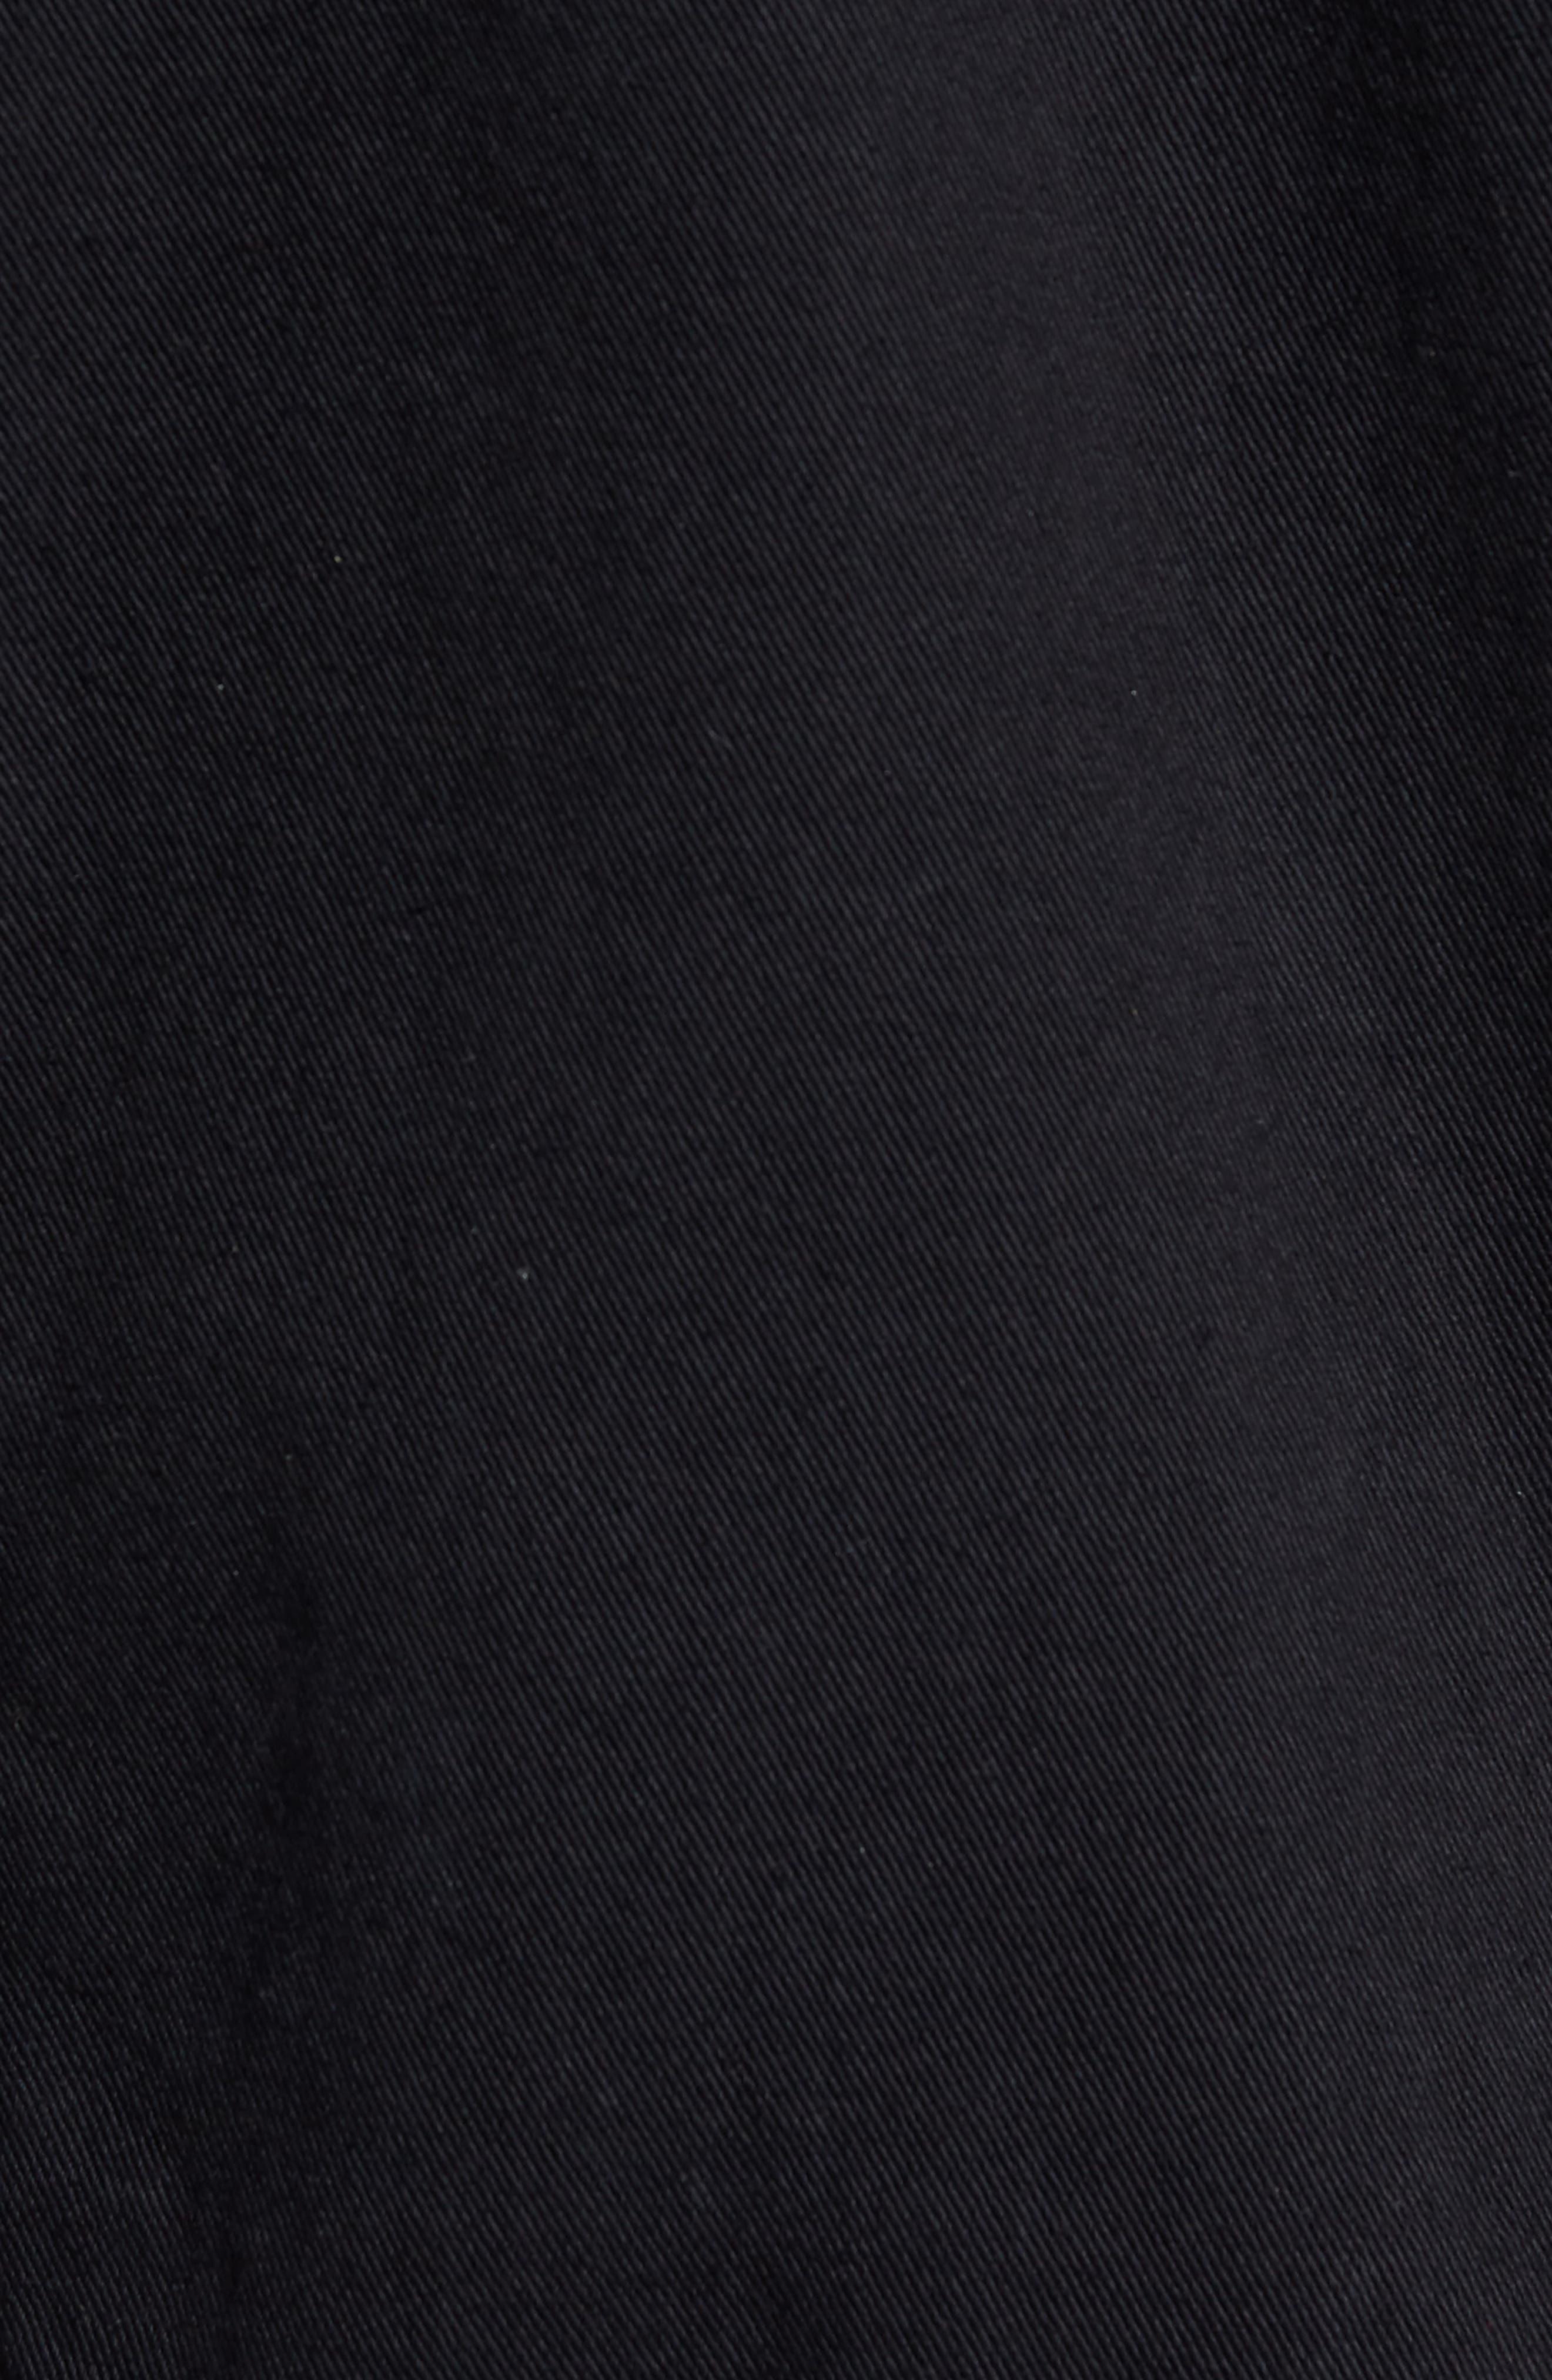 Lindso Distressed Denim Jacket,                             Alternate thumbnail 5, color,                             Black Damage